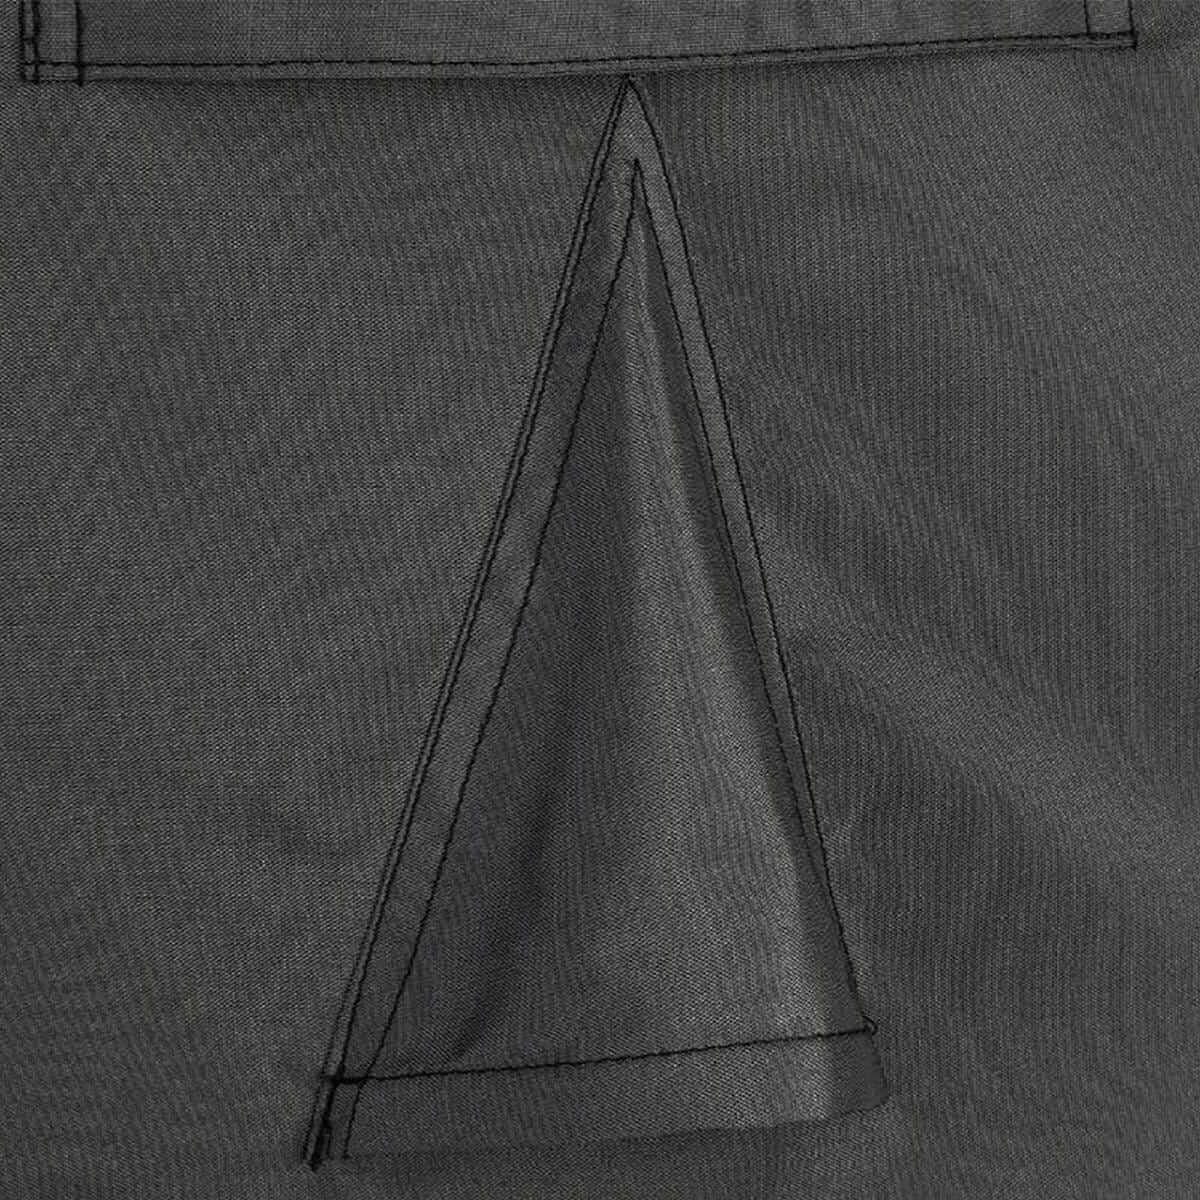 כיסוי למיטת שיזוף 235x90 - תמונה 5